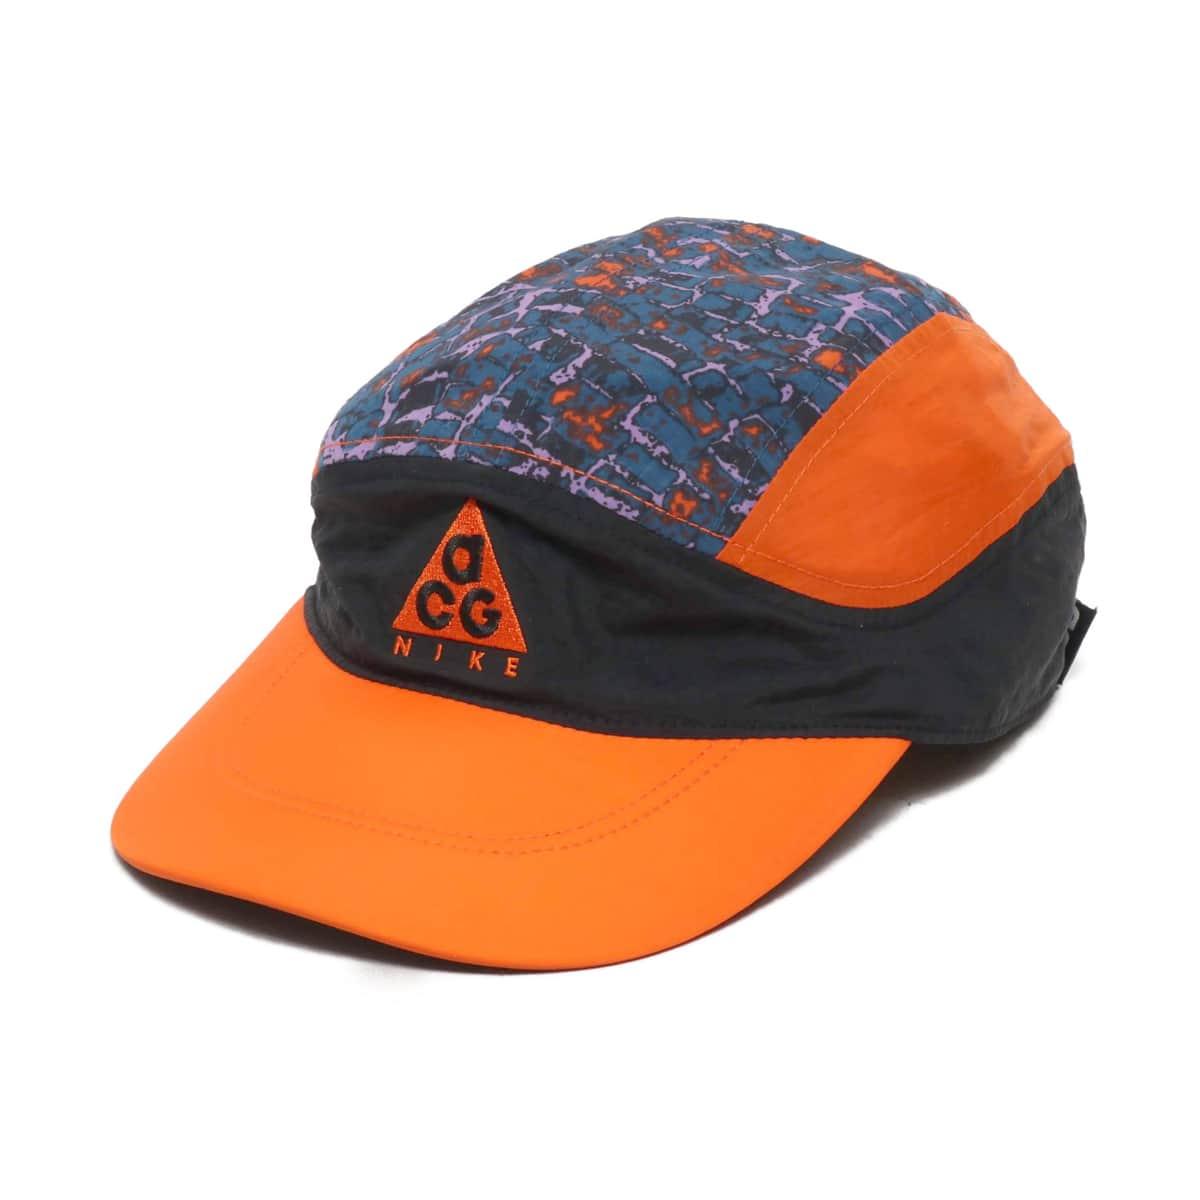 NIKE U NRG TLWD CAP ACG G1 BLACK/SAFETY ORANGE/SAFETY ORANGE 19SU-S_photo_large